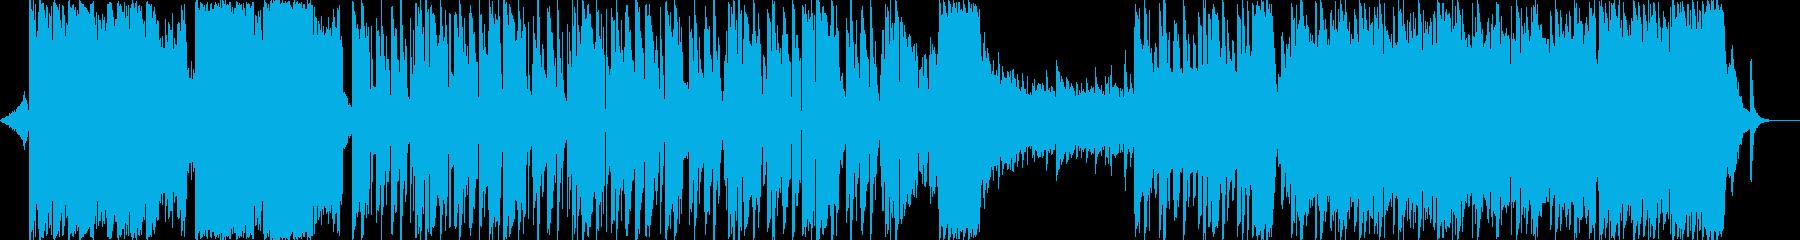 和風・ダンス・カッコイイ・ショートverの再生済みの波形